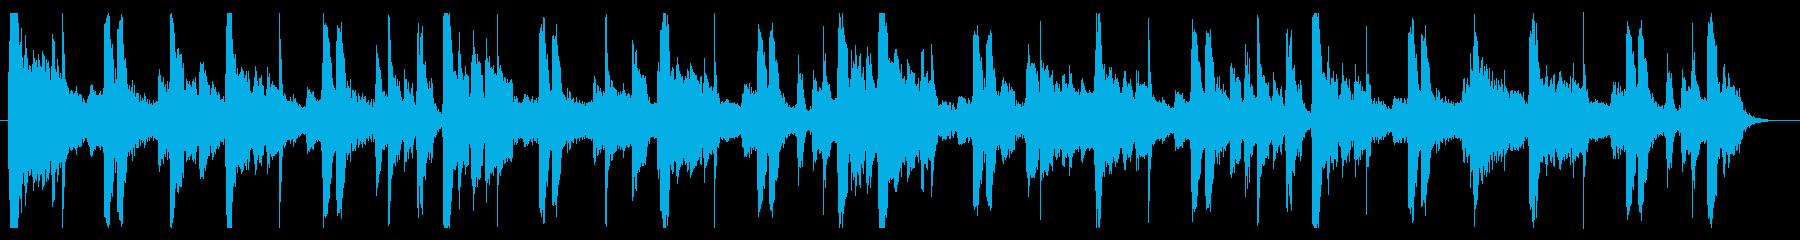 儚げ/R&B_No606_4の再生済みの波形